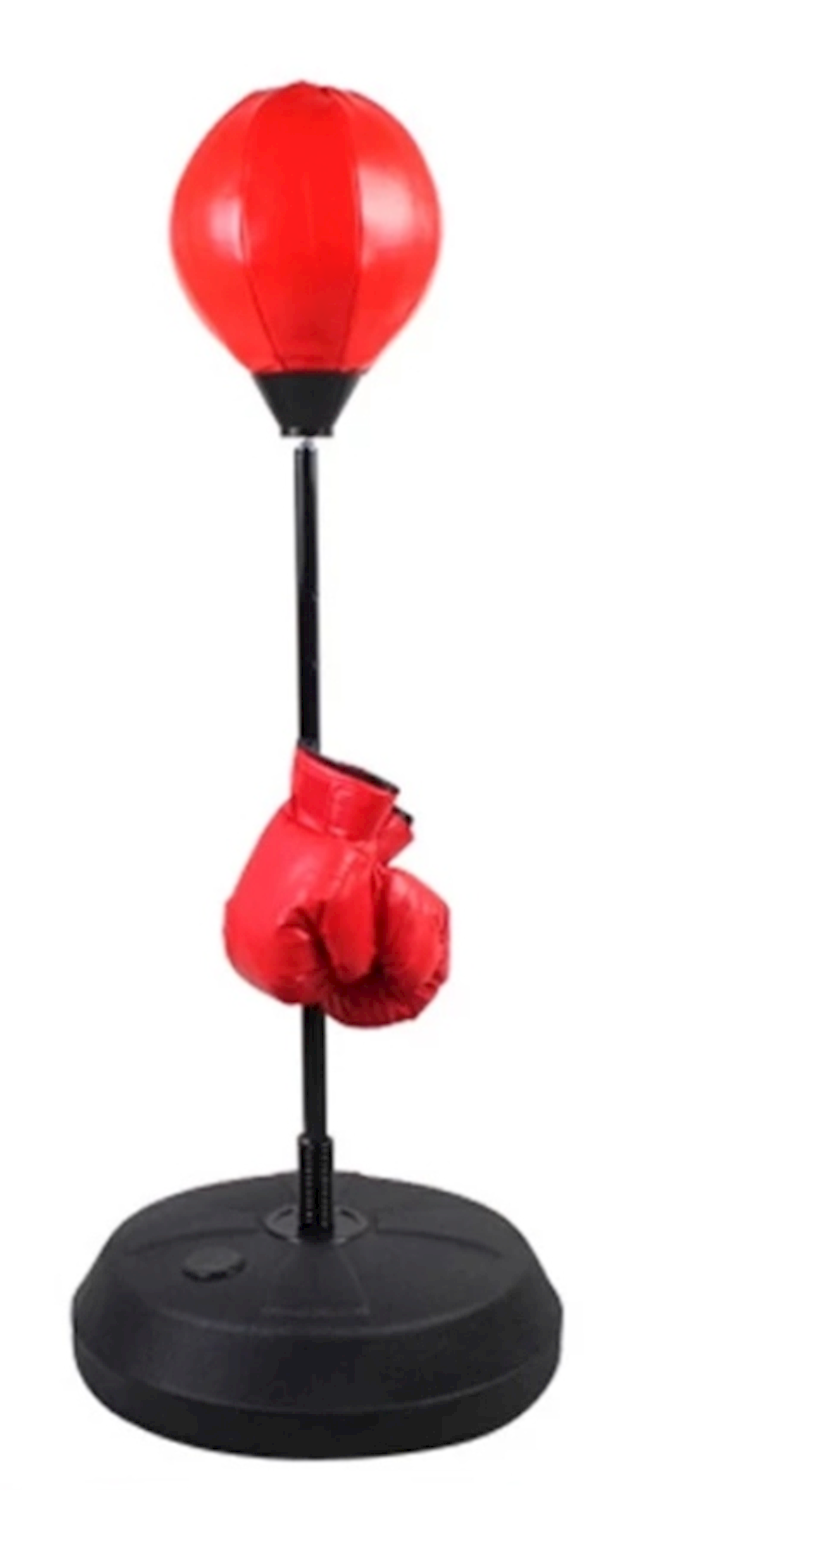 Boks topu Kailun, tənzimlənən dayaq üstündə 80-120 sm, qırmızı/qara